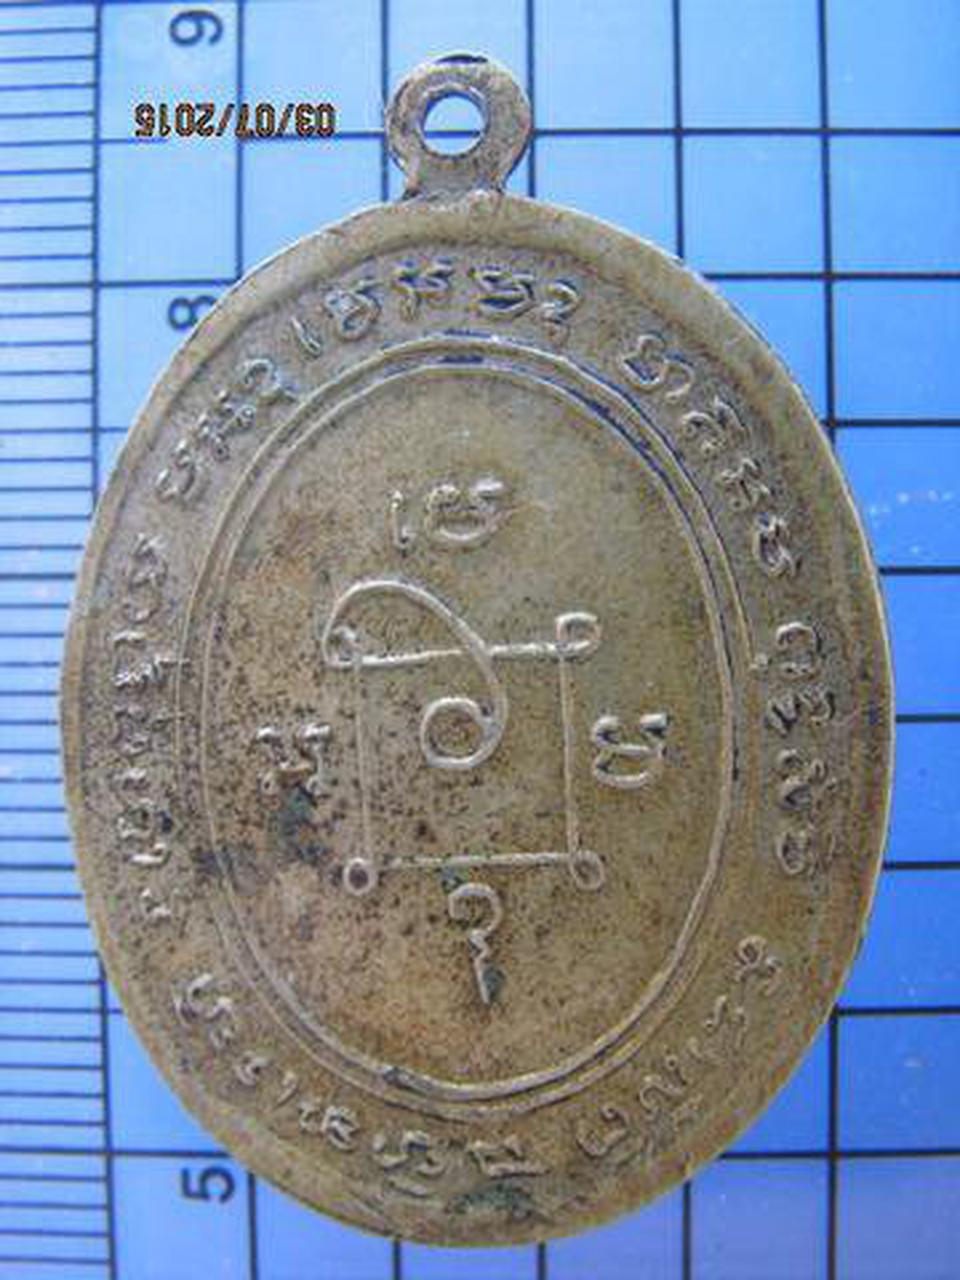 2387 เหรียญหลวงพ่อยอด วัดใหญ่ ปี 2511 เนื้ออาปาก้า จ.อ่างทอง รูปที่ 1